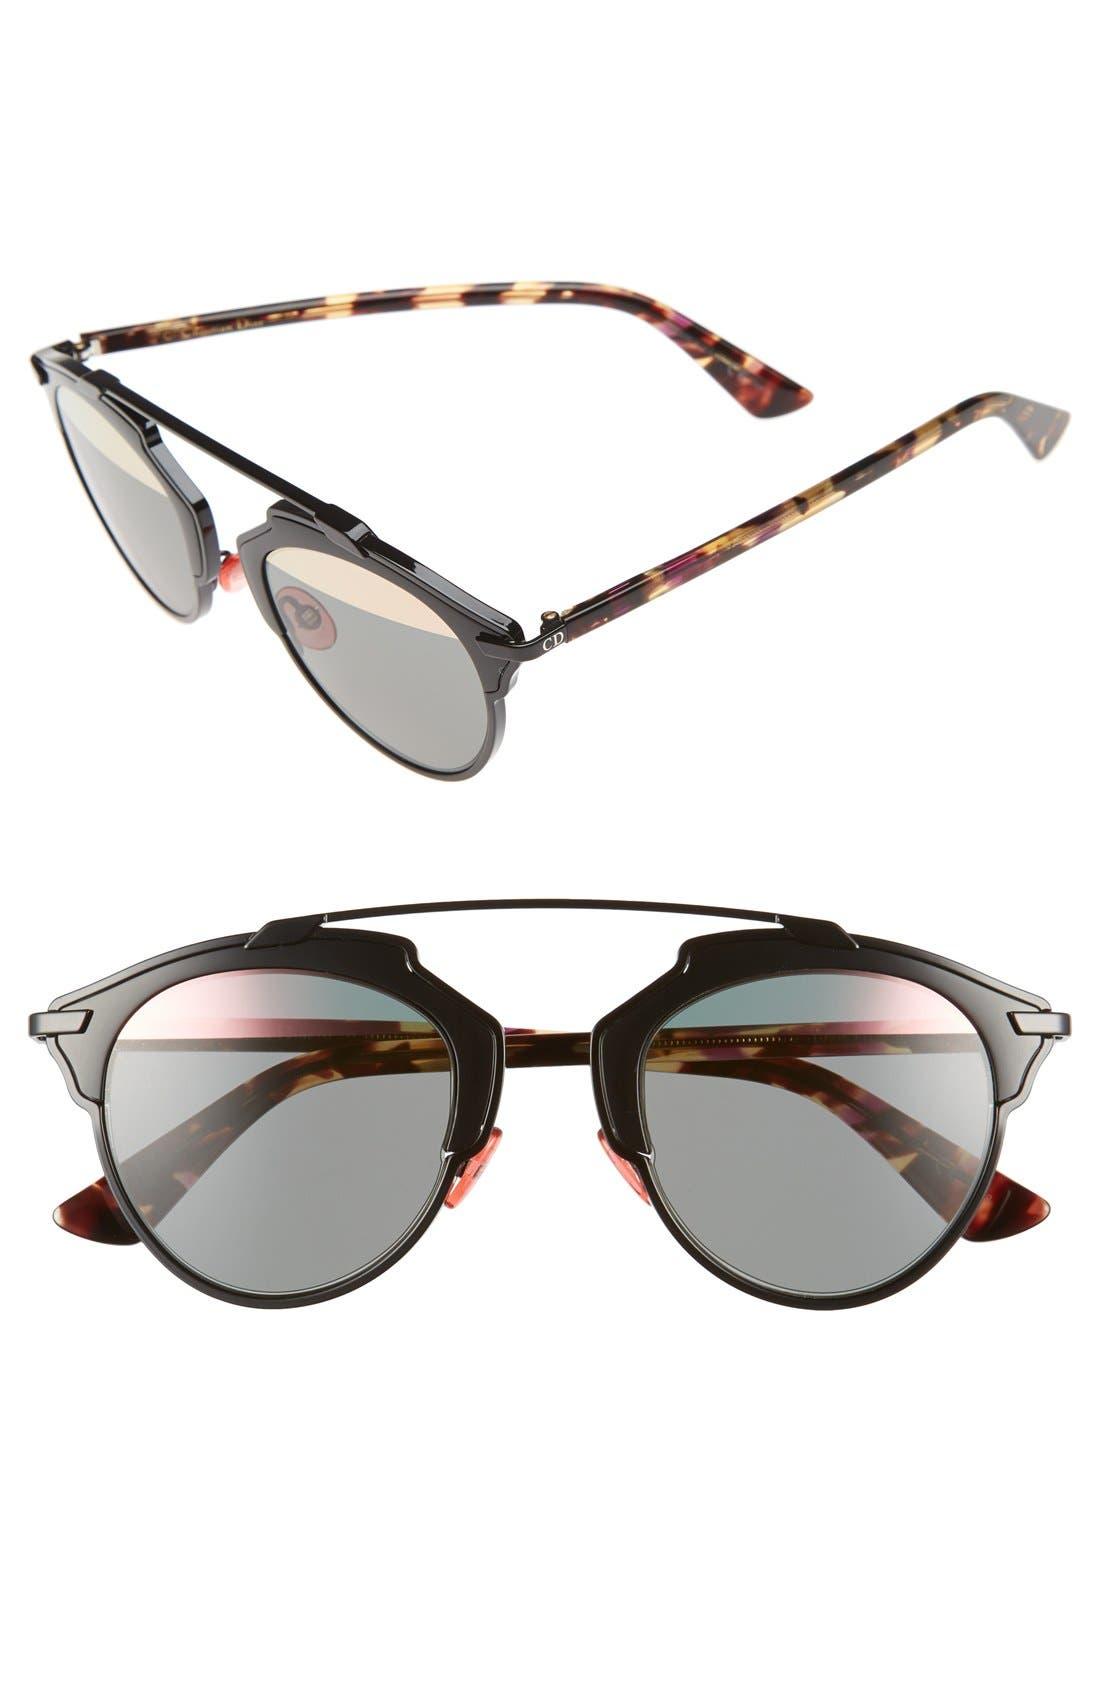 So Real 48mm Brow Bar Sunglasses,                             Main thumbnail 4, color,